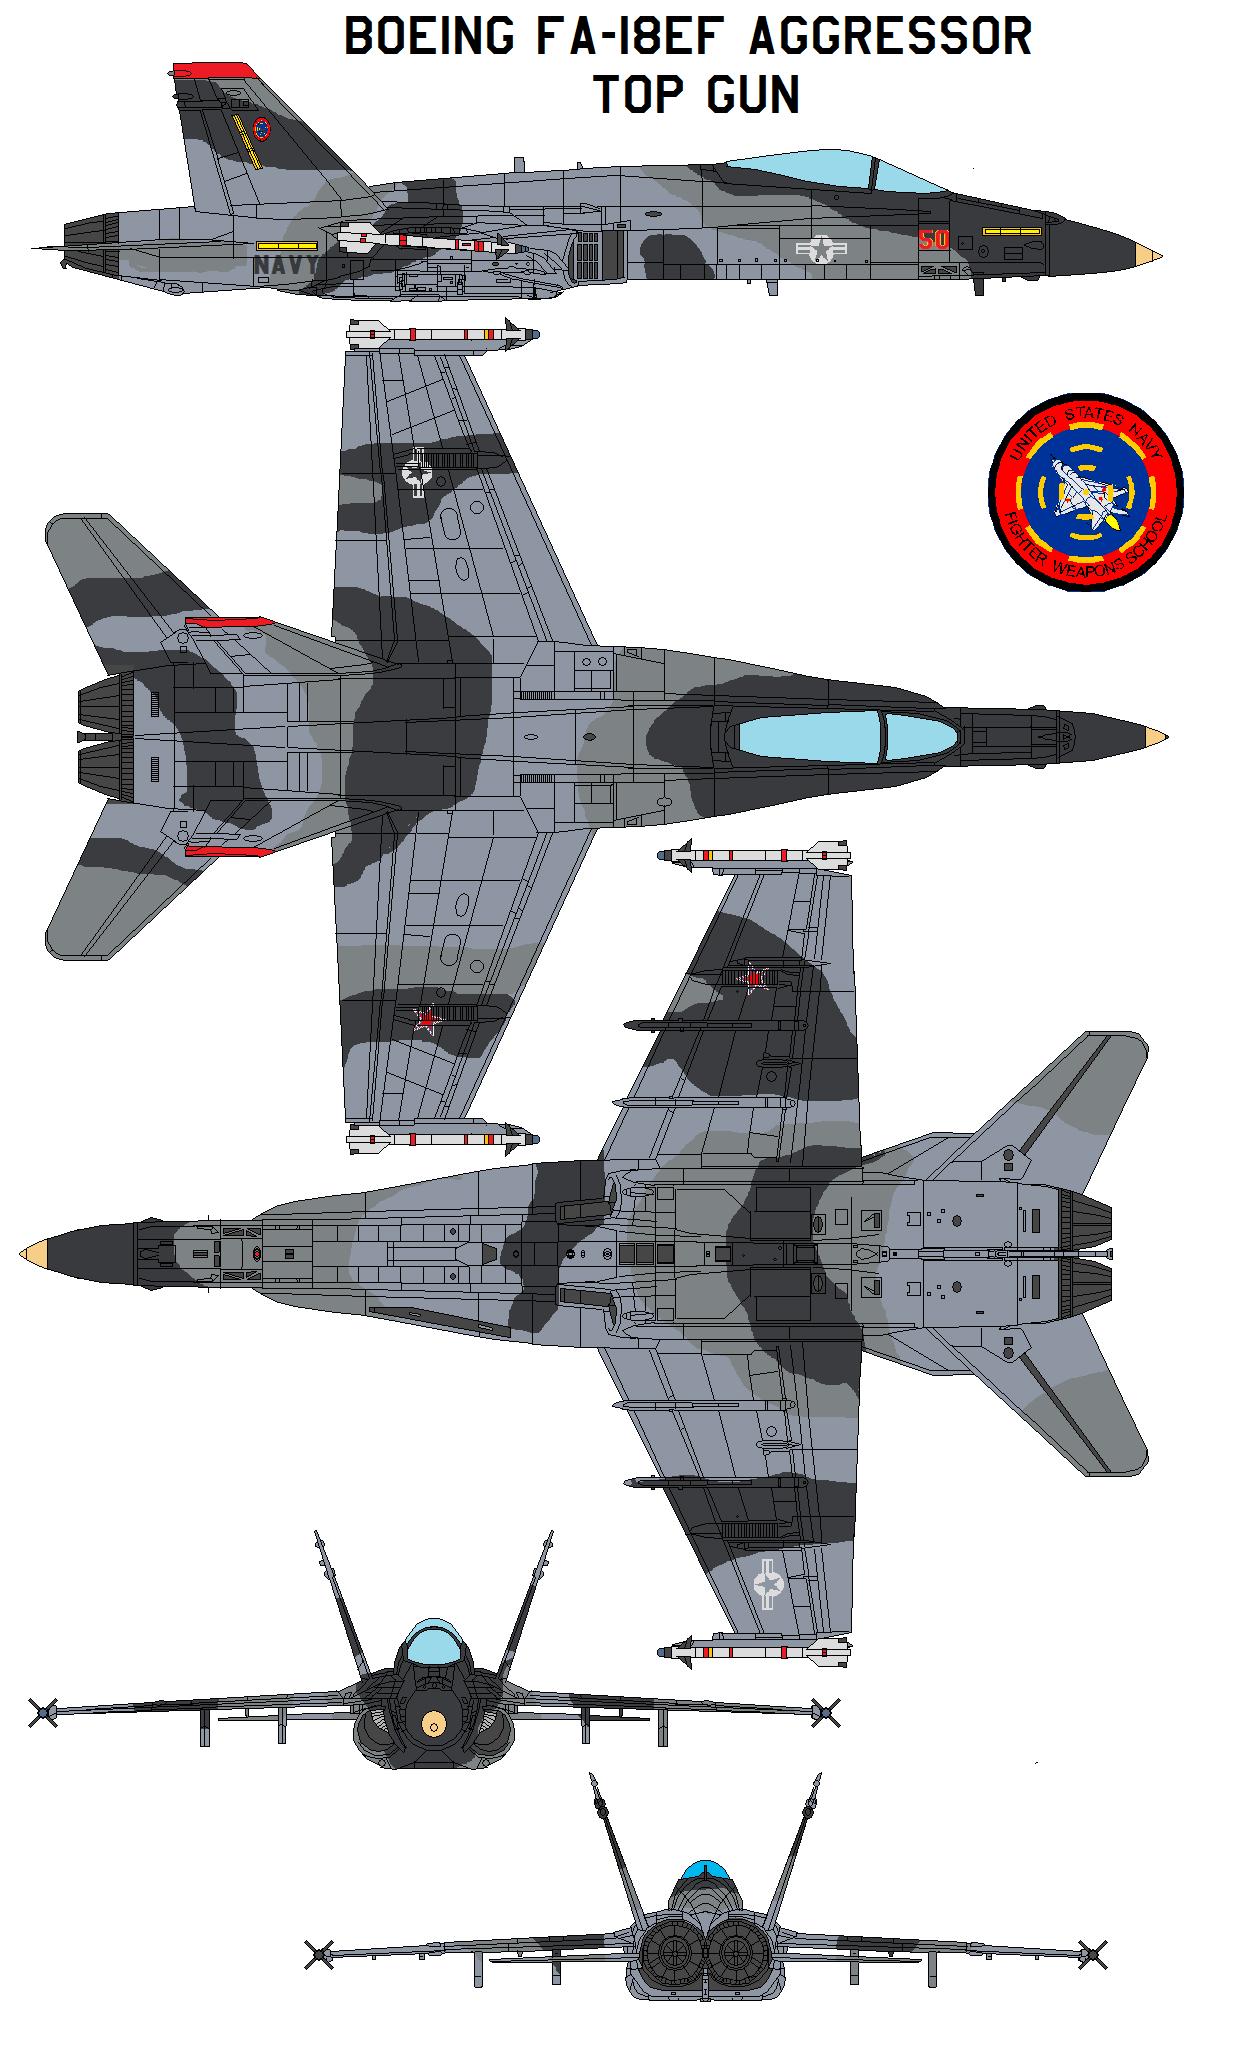 FA-18EF Aggressor  top gun by bagera3005